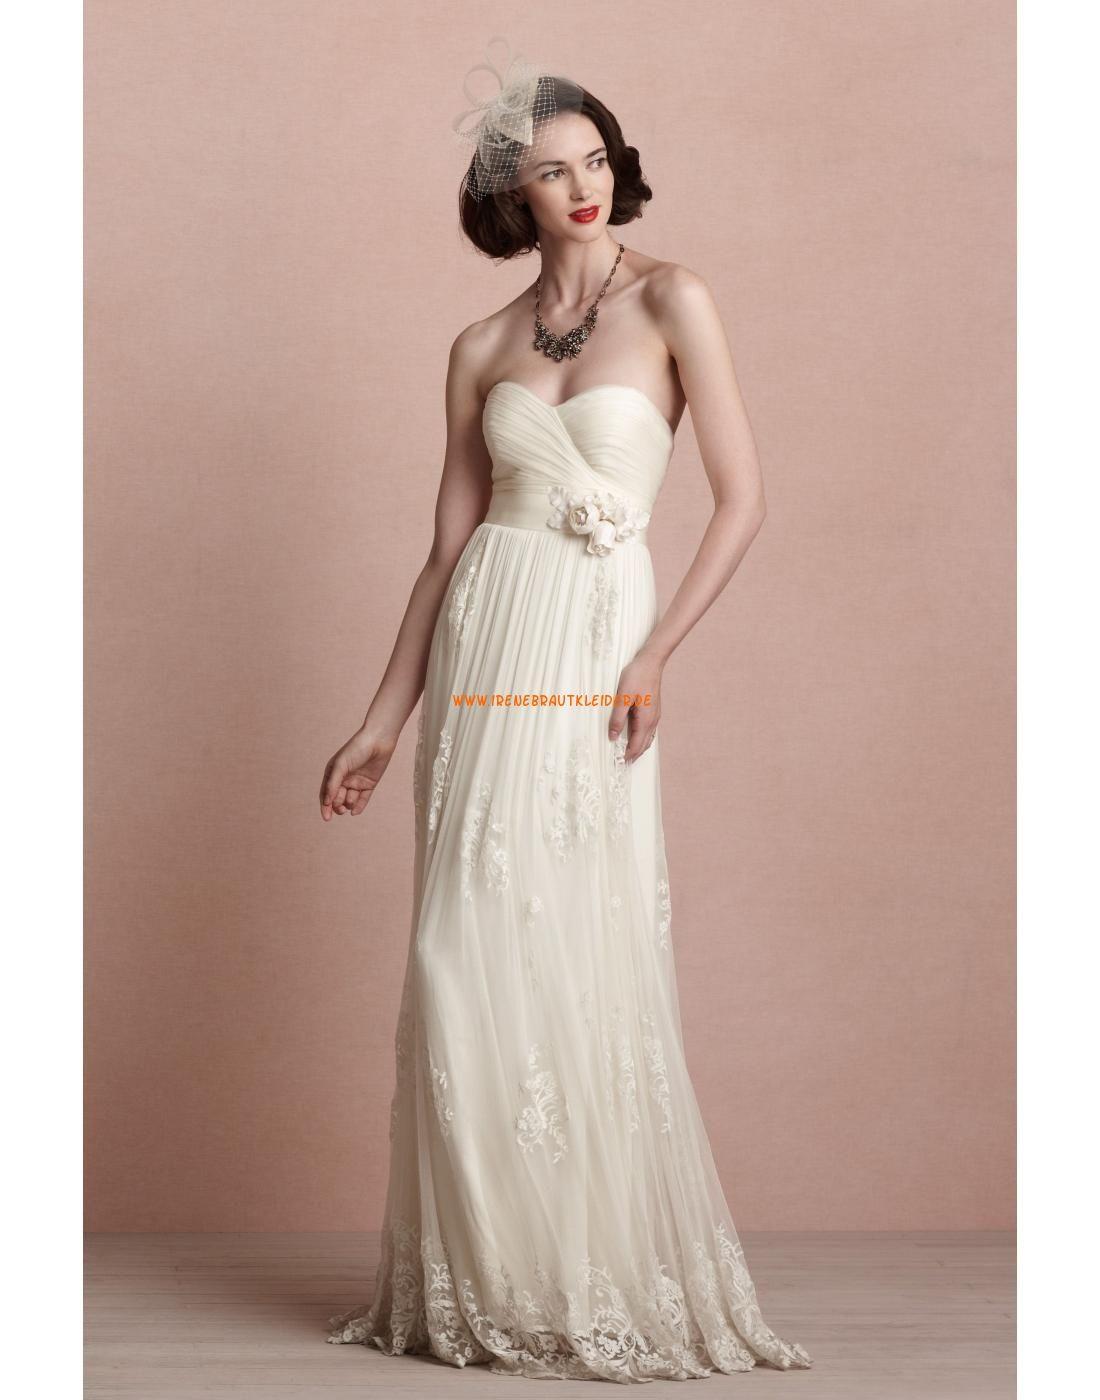 Ziemlich 1920 Vintage Brautkleider Ideen - Brautkleider Ideen ...